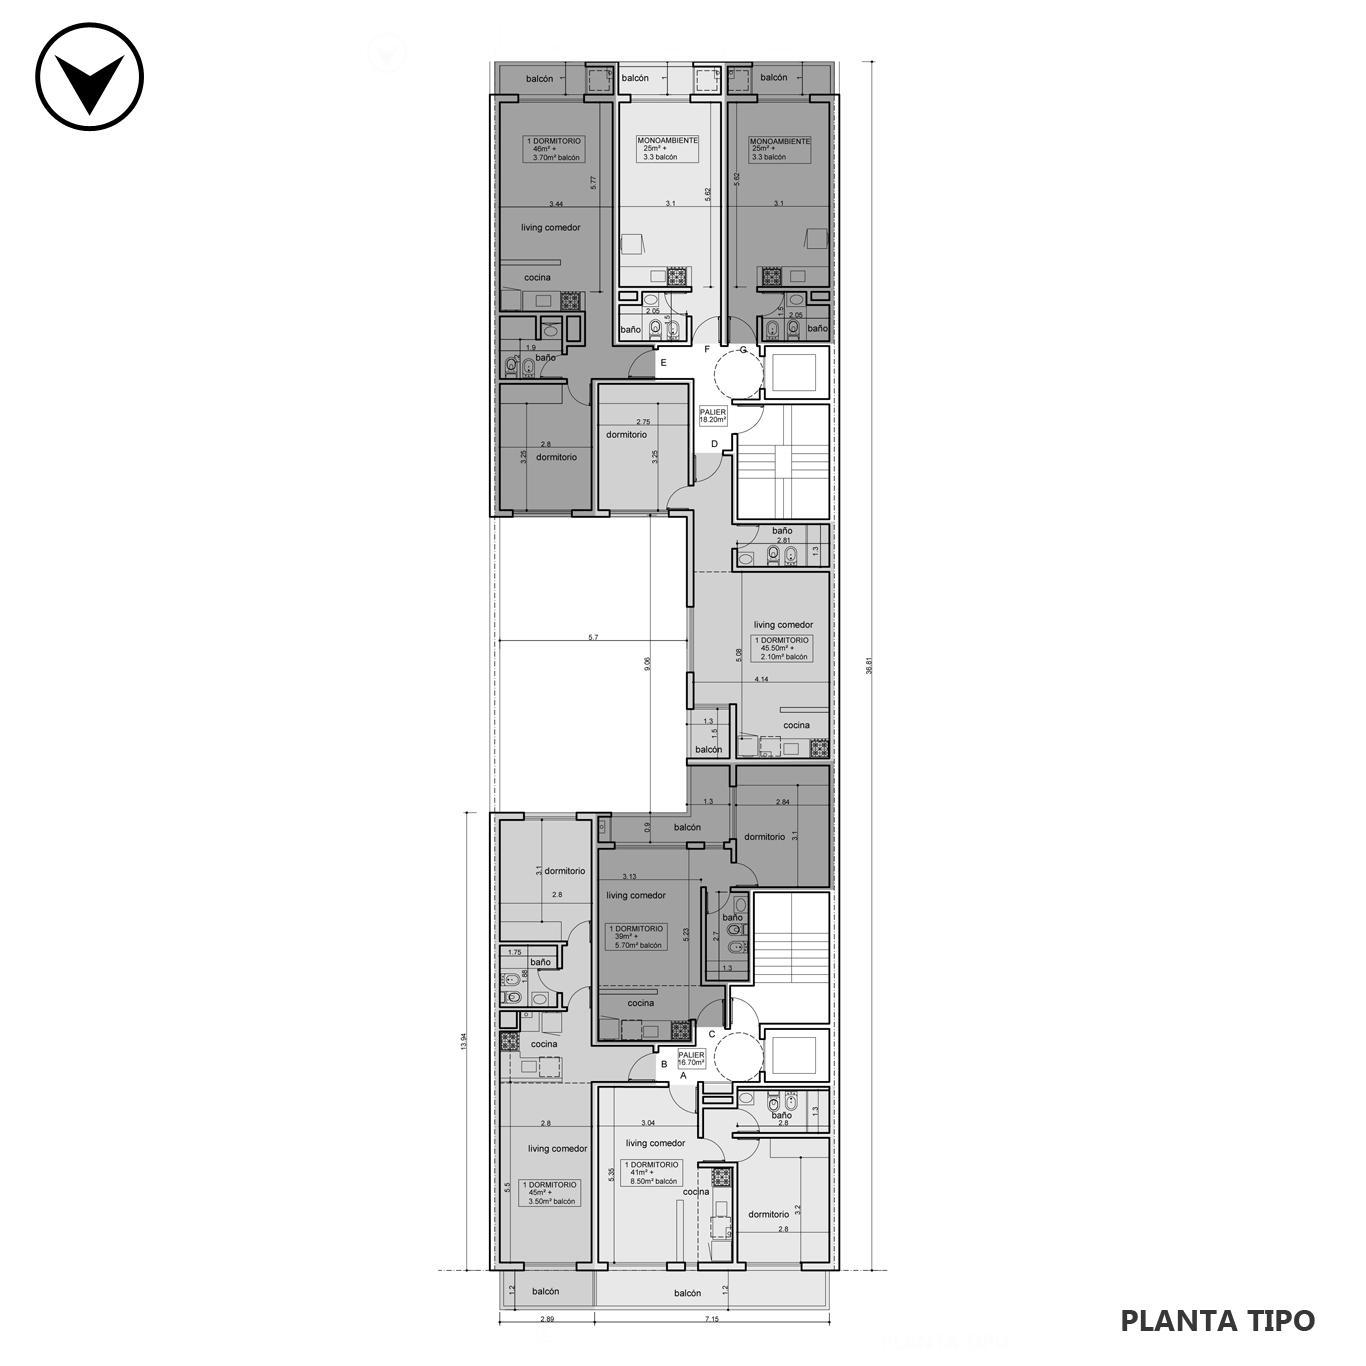 Venta departamento 1 dormitorio Rosario, Centro. Cod CBU24743 AP2302058. Crestale Propiedades